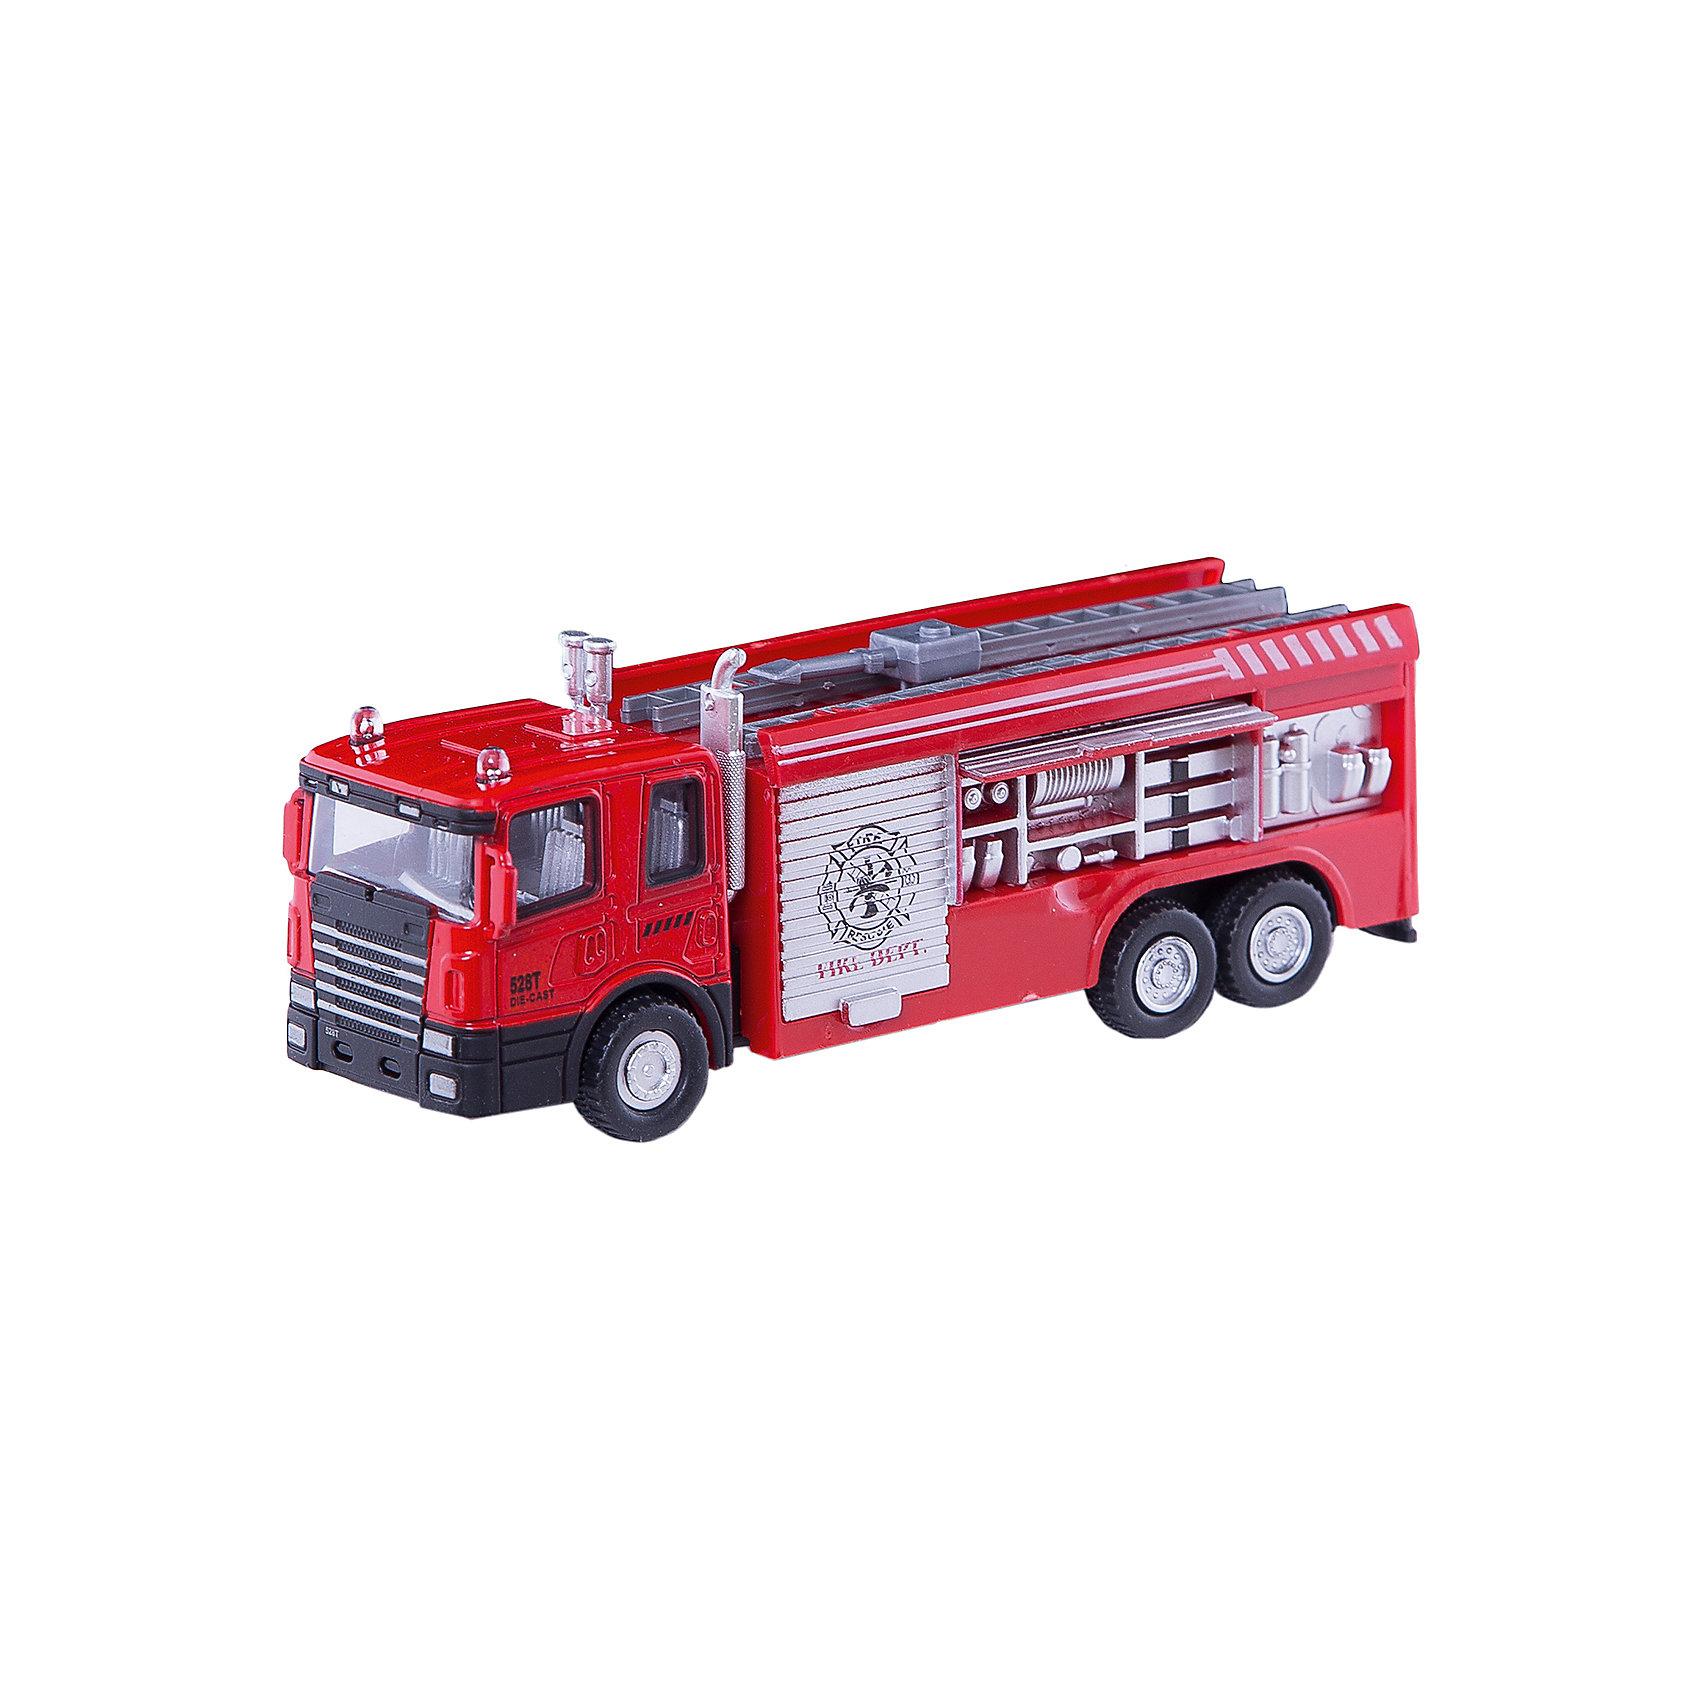 Машинка Fire Truck пожарная 1:48, AutotimeМашинки<br>Характеристики товара:<br><br>• цвет: красный<br>• возраст: от 3 лет<br>• материал: металл, пластик<br>• масштаб: 1:48<br>• колеса вращаются<br>• размер упаковки: 16х6х7 см<br>• вес с упаковкой: 100 г<br>• страна бренда: Россия, Китай<br>• страна изготовитель: Китай<br><br>Эта коллекционная модель машинки отличается высокой детализацией. Окна - прозрачные, поэтому через них можно увидеть салон.<br><br>Сделана машинка из прочного и безопасного материала. Модель с вращающимися колесами.<br><br>Машинку «Fire Truck» пожарная 1:48, Autotime (Автотайм) можно купить в нашем интернет-магазине.<br><br>Ширина мм: 165<br>Глубина мм: 57<br>Высота мм: 75<br>Вес г: 13<br>Возраст от месяцев: 36<br>Возраст до месяцев: 2147483647<br>Пол: Мужской<br>Возраст: Детский<br>SKU: 5584051